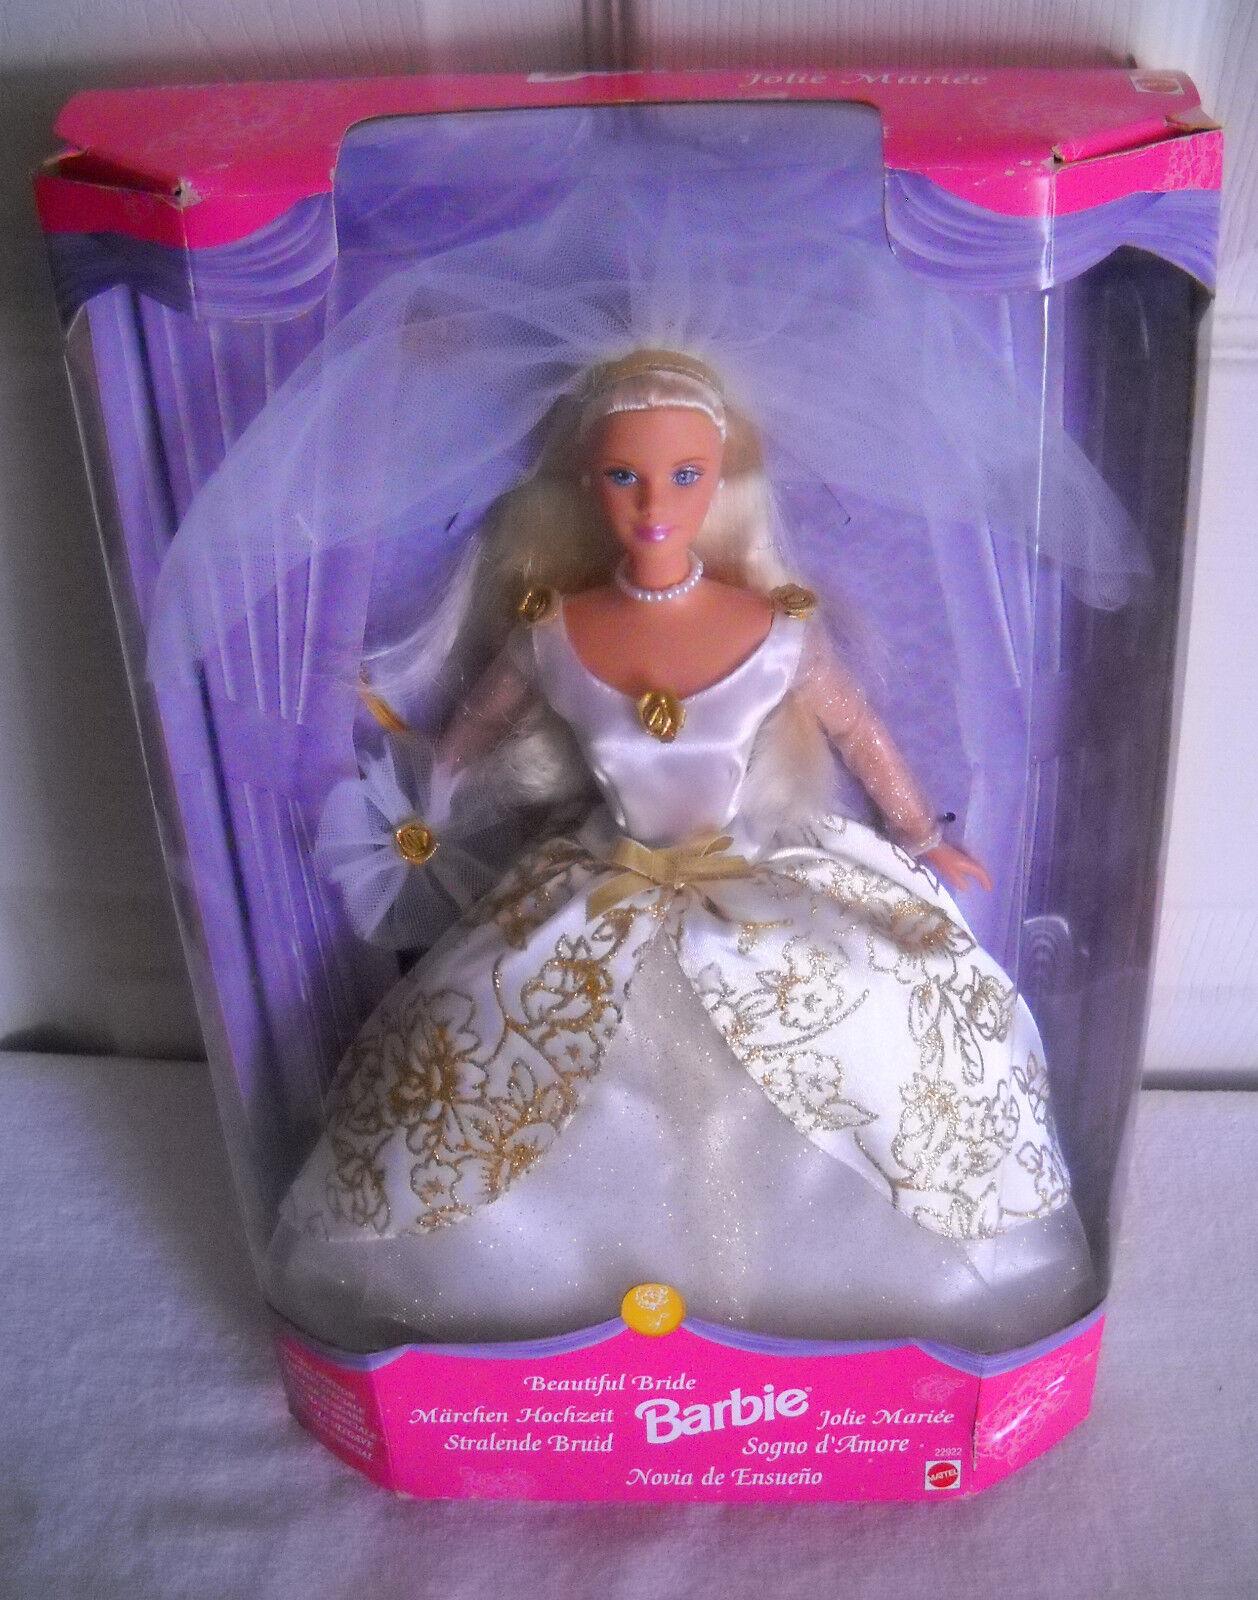 Nunca quitado de la Caja Mattel Muñeca Barbie Bella Novia emisión extranjera